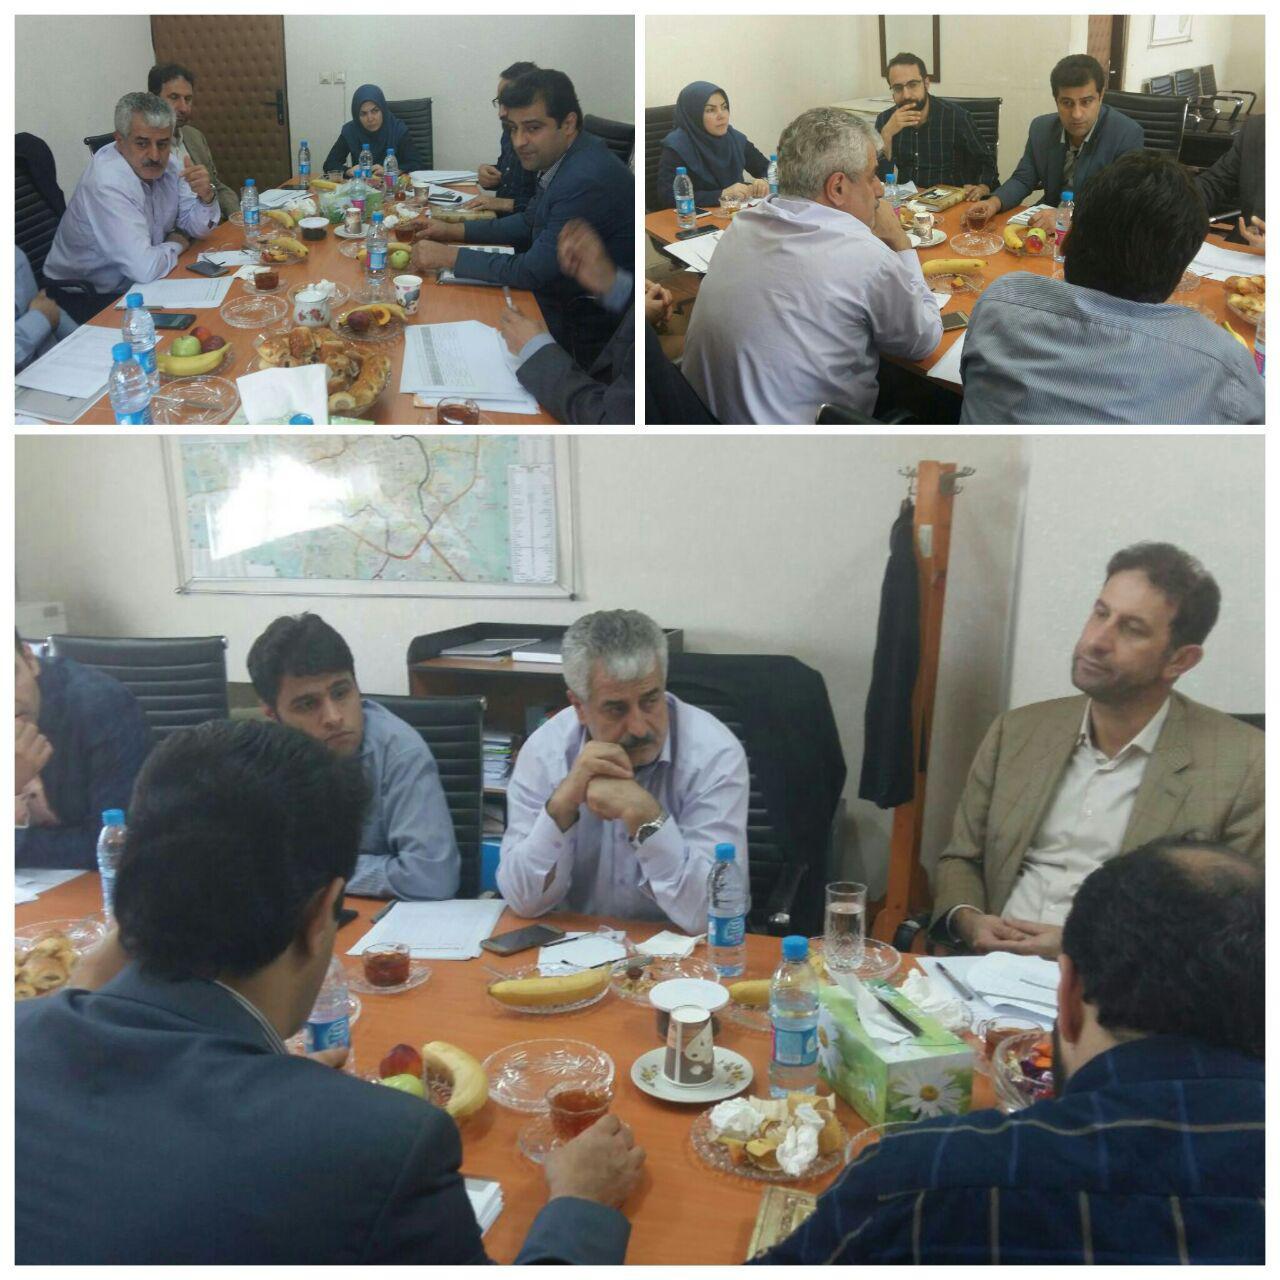 جلسه نظام دریافت و پرداخت در منطقه دو با حضور معاون مالی و اقتصادی و مدیران شهرداری رشت